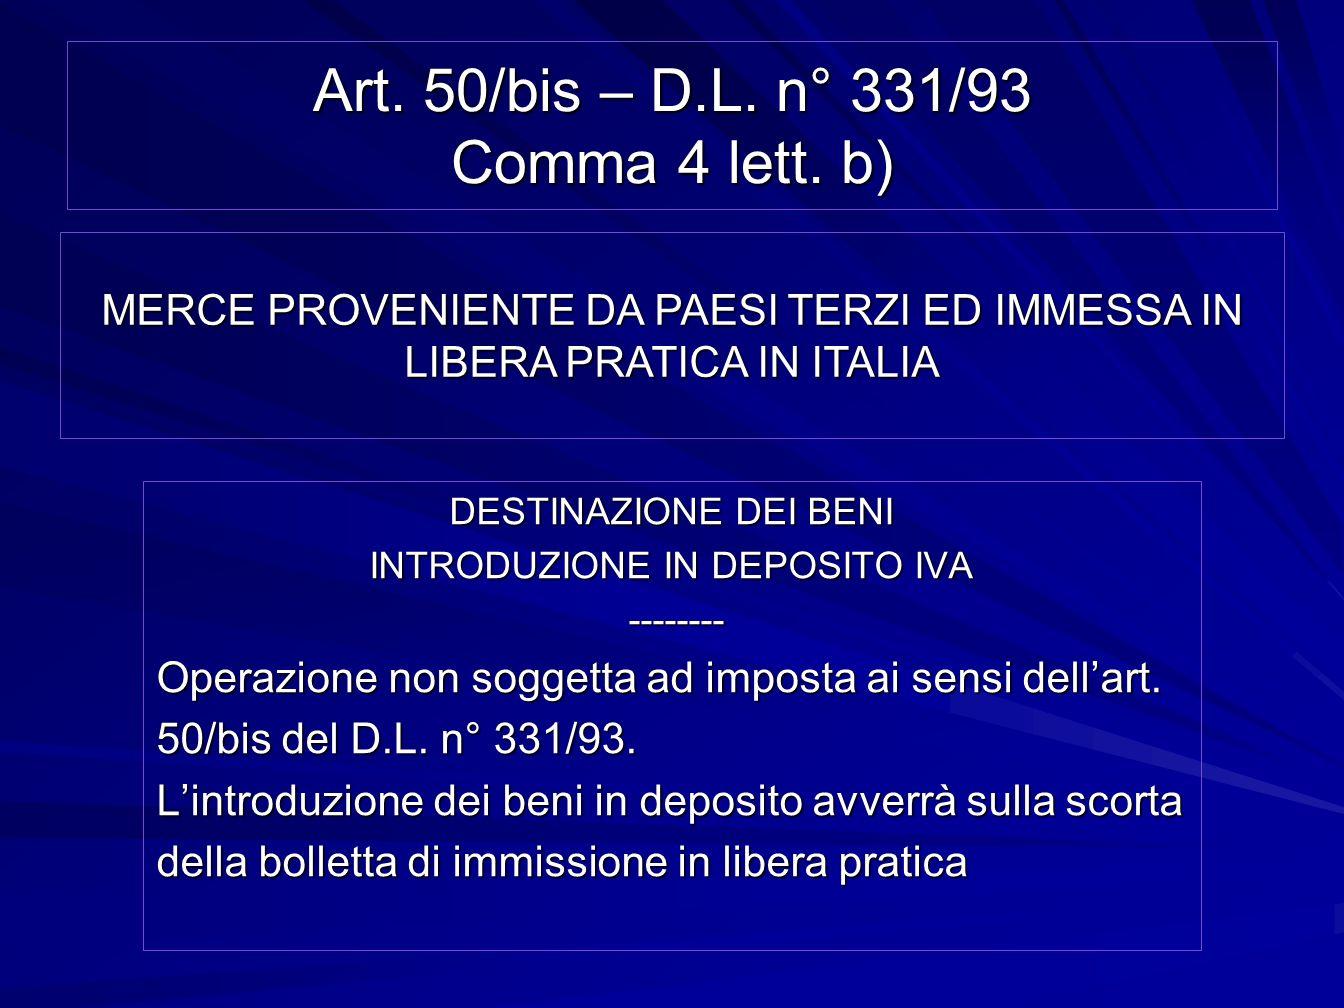 Art. 50/bis – D.L. n° 331/93 Comma 4 lett. b) DESTINAZIONE DEI BENI INTRODUZIONE IN DEPOSITO IVA -------- -------- Operazione non soggetta ad imposta